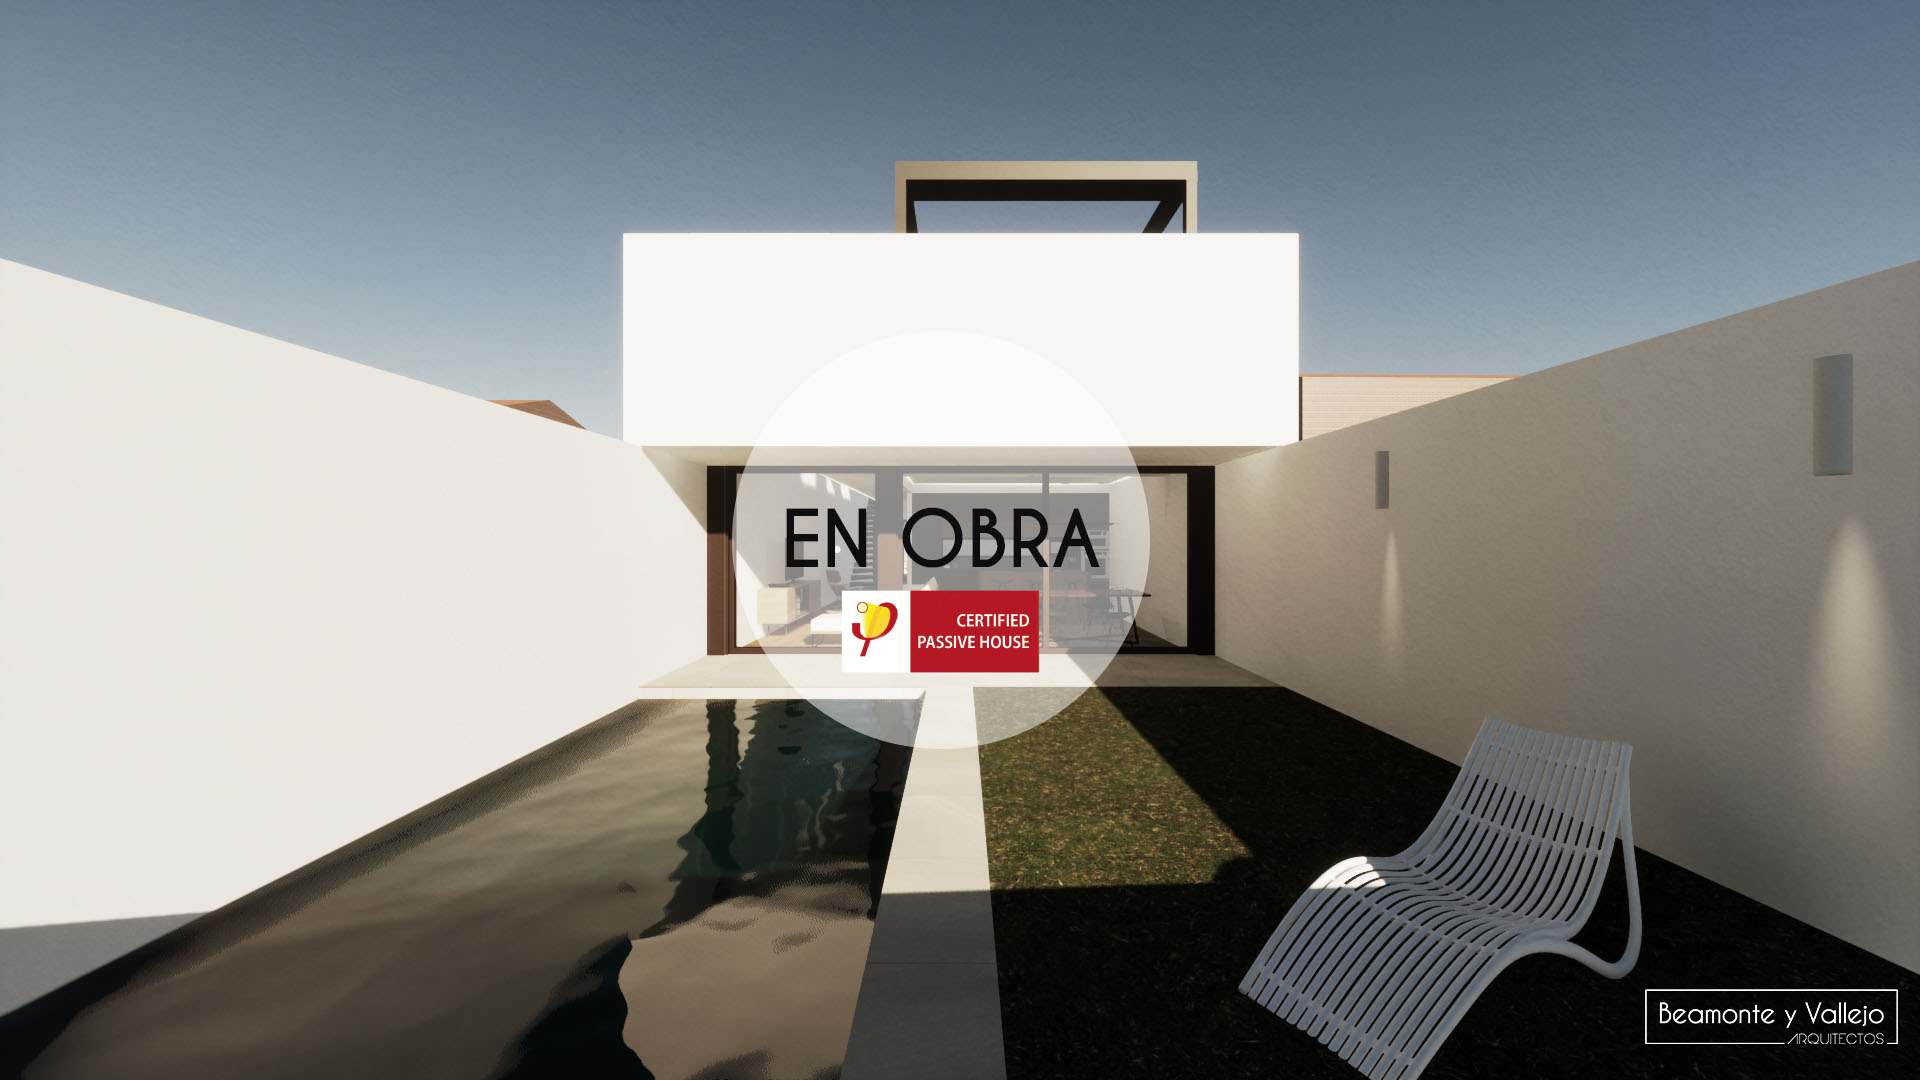 Beamonte y Vallejo arquitectos - Passivhaus Ontinar en obra - 1